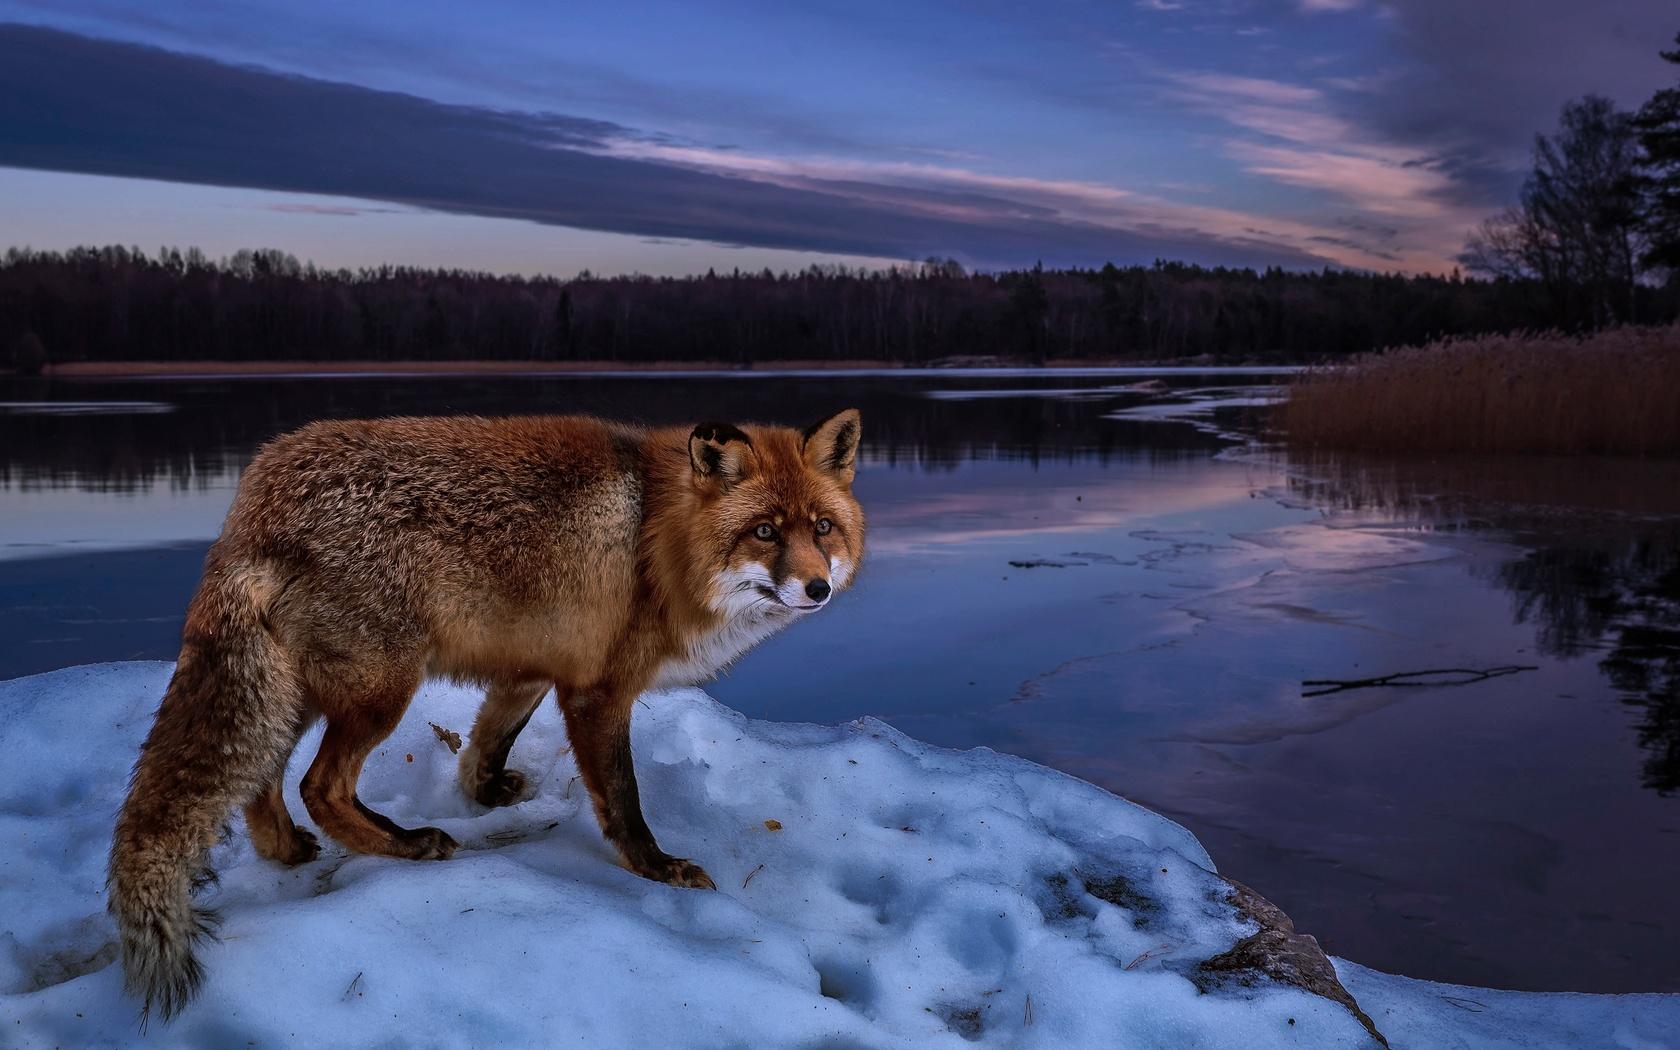 животное, лиса, лисица, природа, пейзаж, зима, река, лес, снег